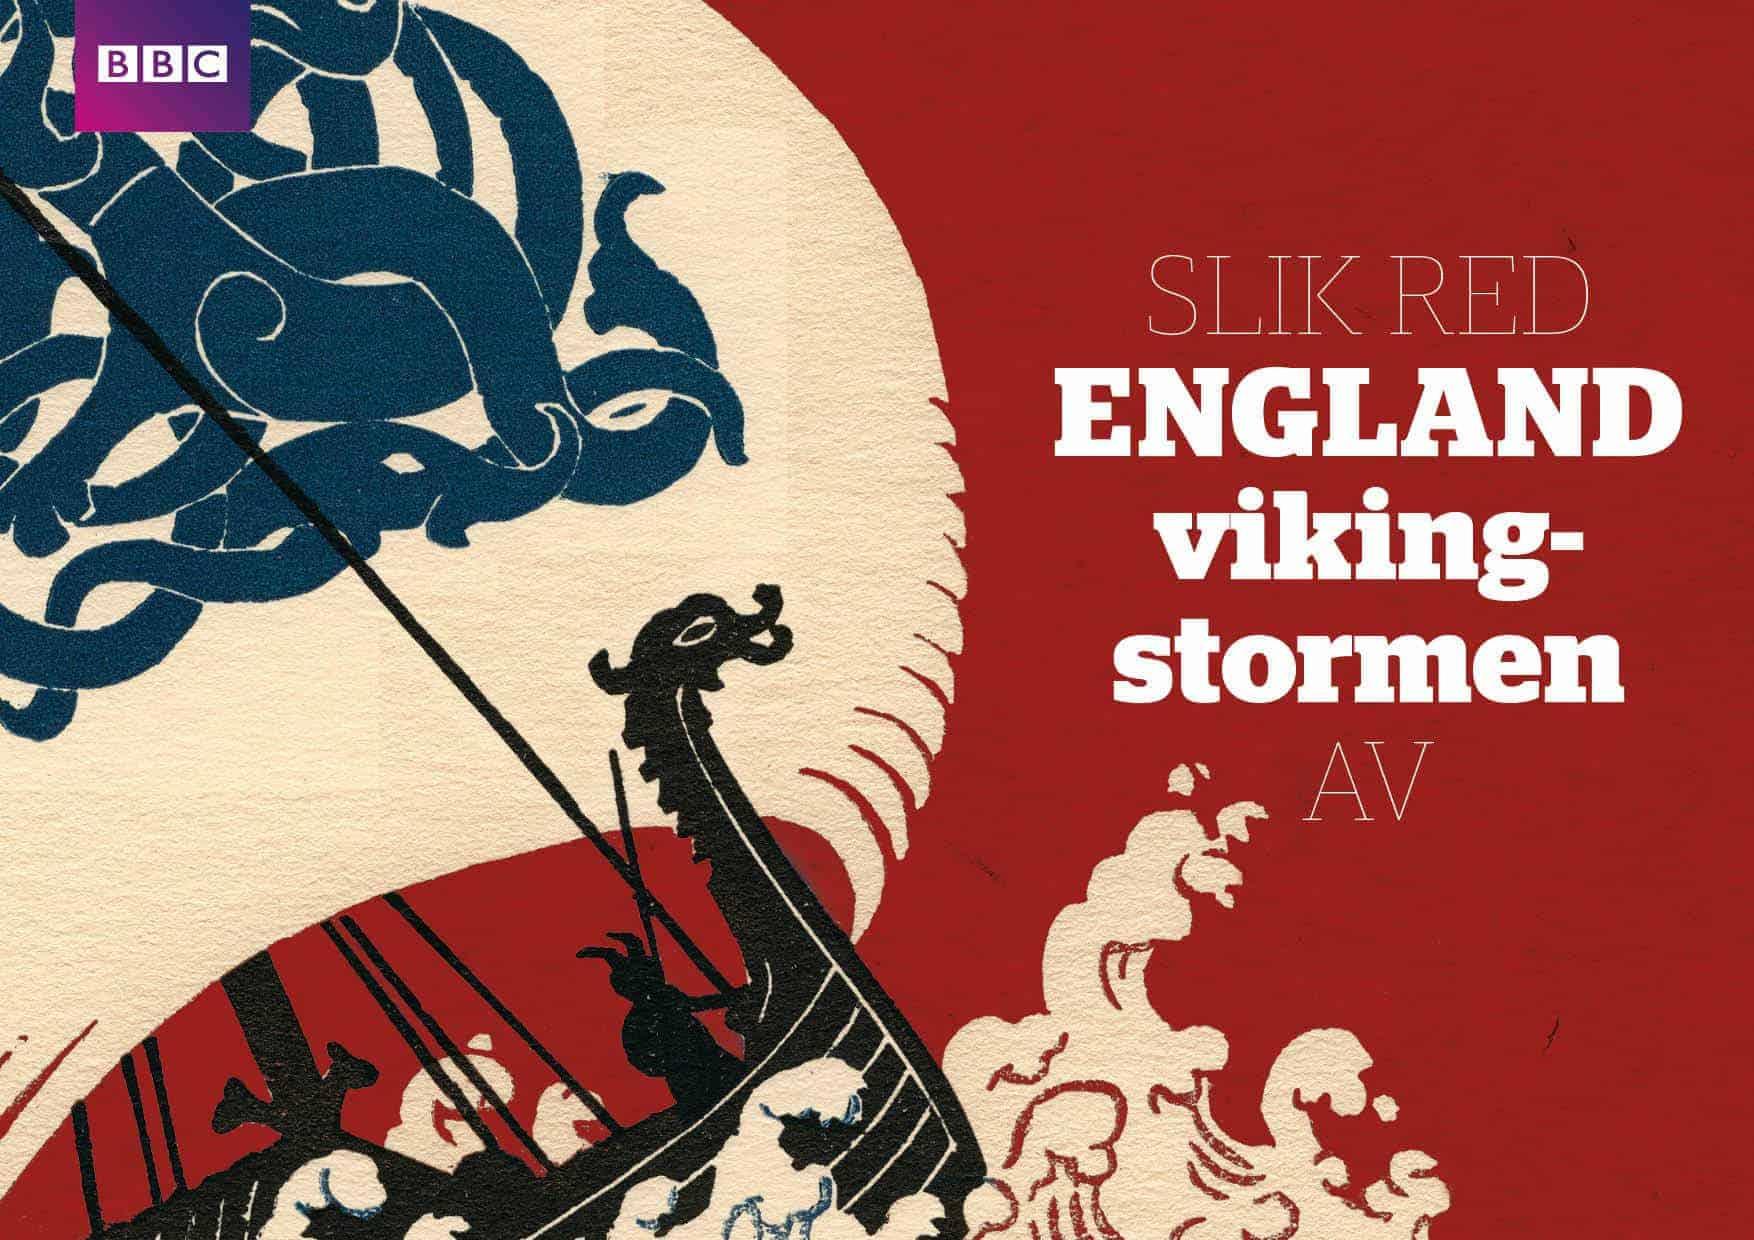 Slik red England vikingstormen av